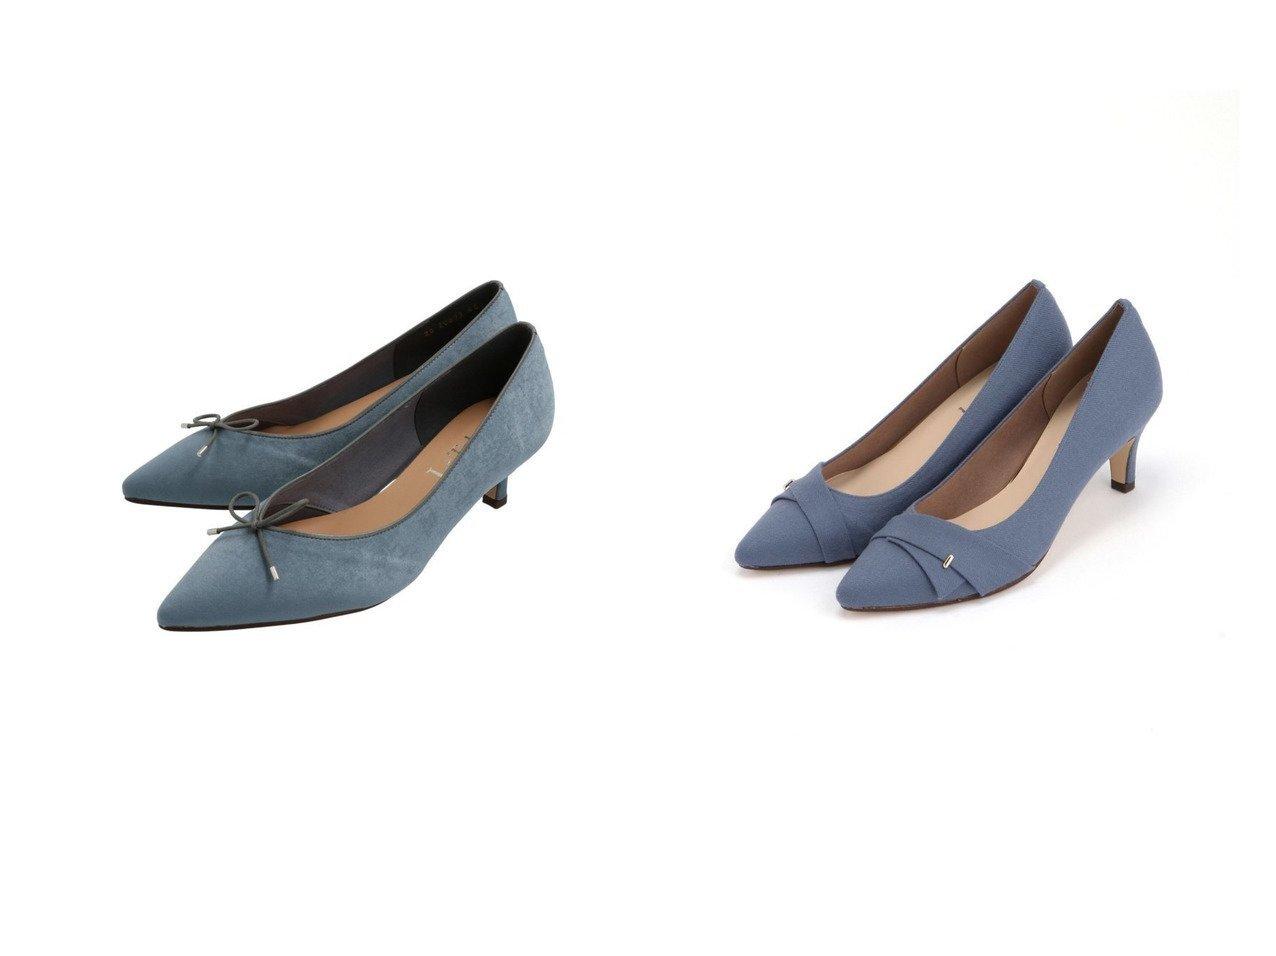 【Le Talon/ル タロン】の4.5cmVカットリボンPS(21.5-25.5)&6cmPOプリーツPS(22-25) シューズ・靴のおすすめ!人気、トレンド・レディースファッションの通販  おすすめで人気の流行・トレンド、ファッションの通販商品 メンズファッション・キッズファッション・インテリア・家具・レディースファッション・服の通販 founy(ファニー) https://founy.com/ ファッション Fashion レディースファッション WOMEN 2020年 2020 2020-2021 秋冬 A/W AW Autumn/Winter / FW Fall-Winter 2020-2021 A/W 秋冬 AW Autumn/Winter / FW Fall-Winter インソール クッション シューズ フォーマル リボン 定番 NEW・新作・新着・新入荷 New Arrivals シンプル プリーツ |ID:crp329100000009824